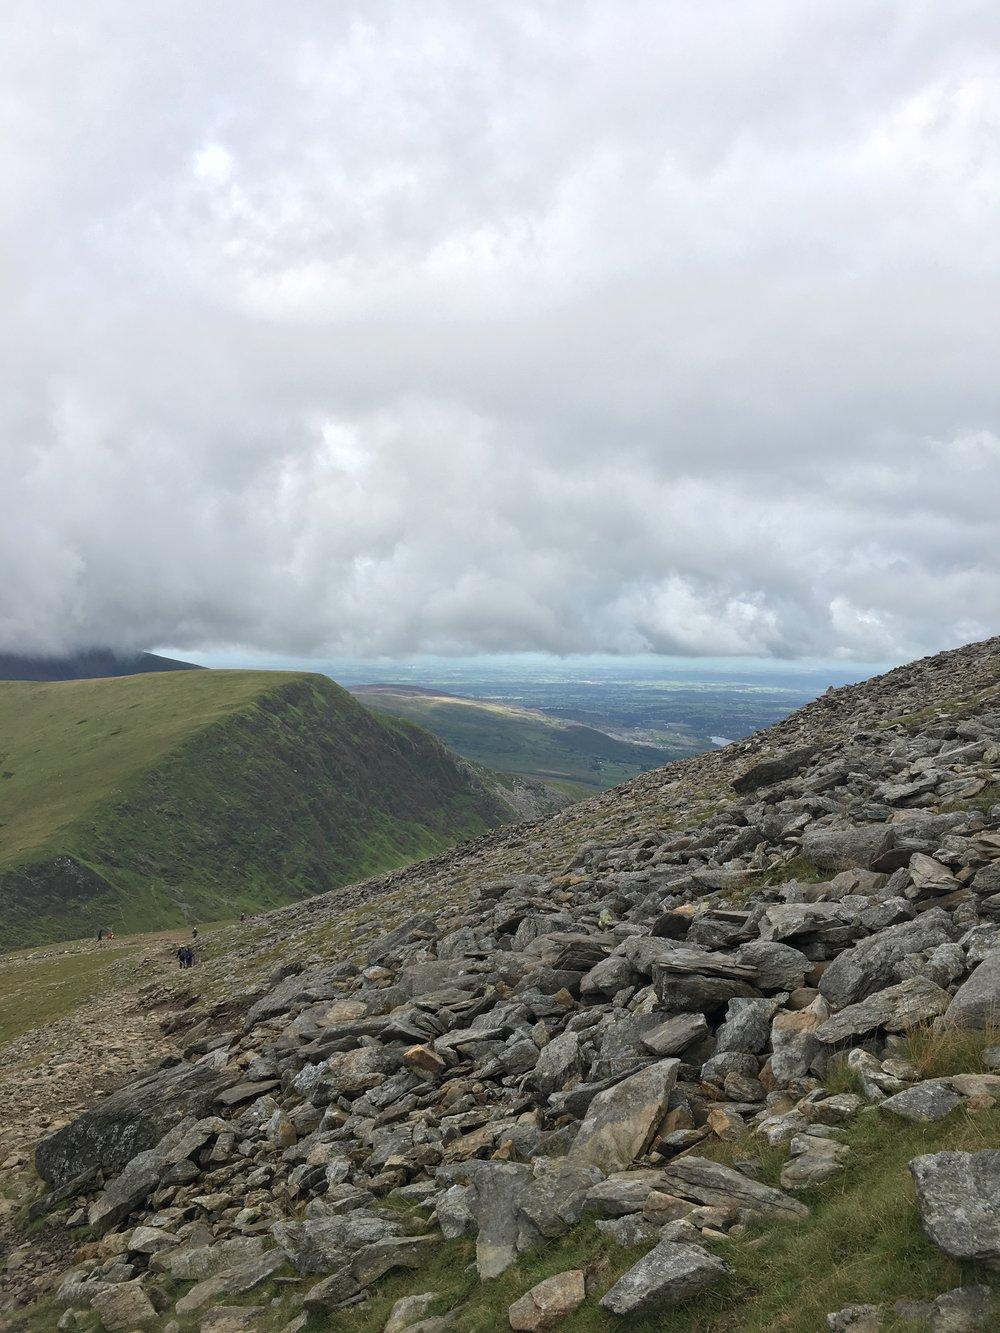 Climbing the Ranger Path